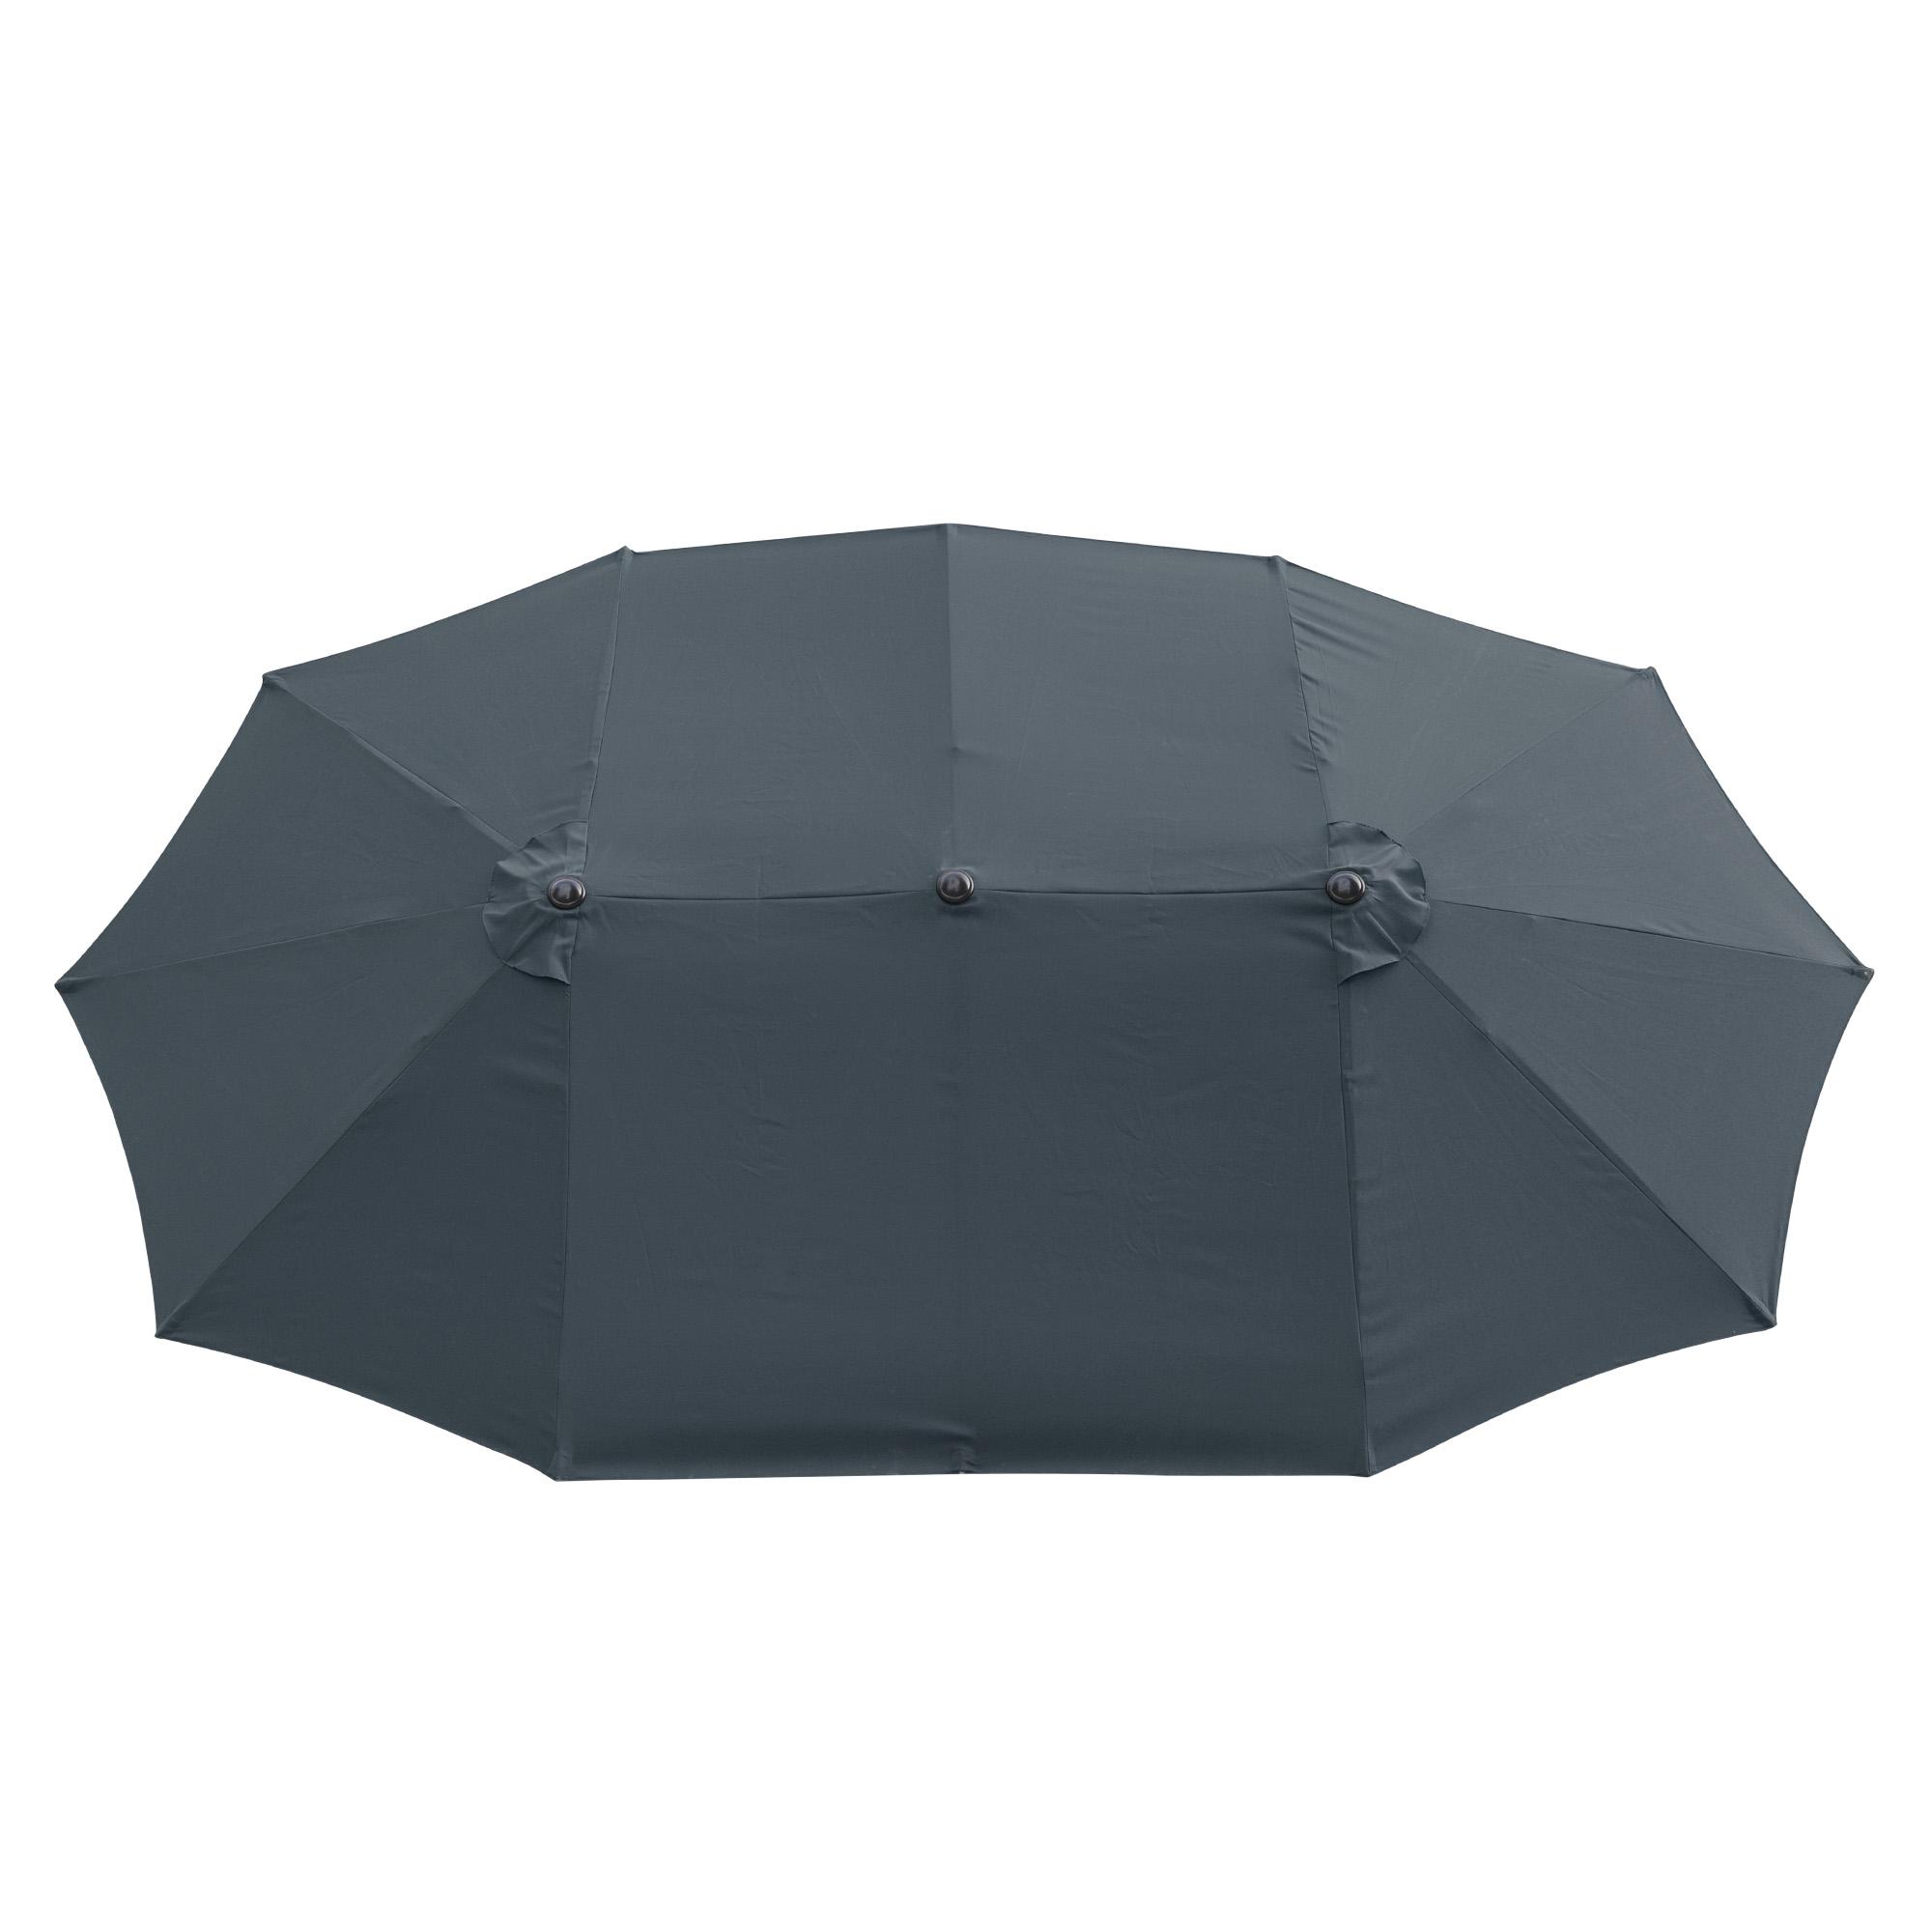 thumbnail 34 - 15ft Patio Twin Umbrella Double-sided Market Crank Outdoor Garden Parasol Shade